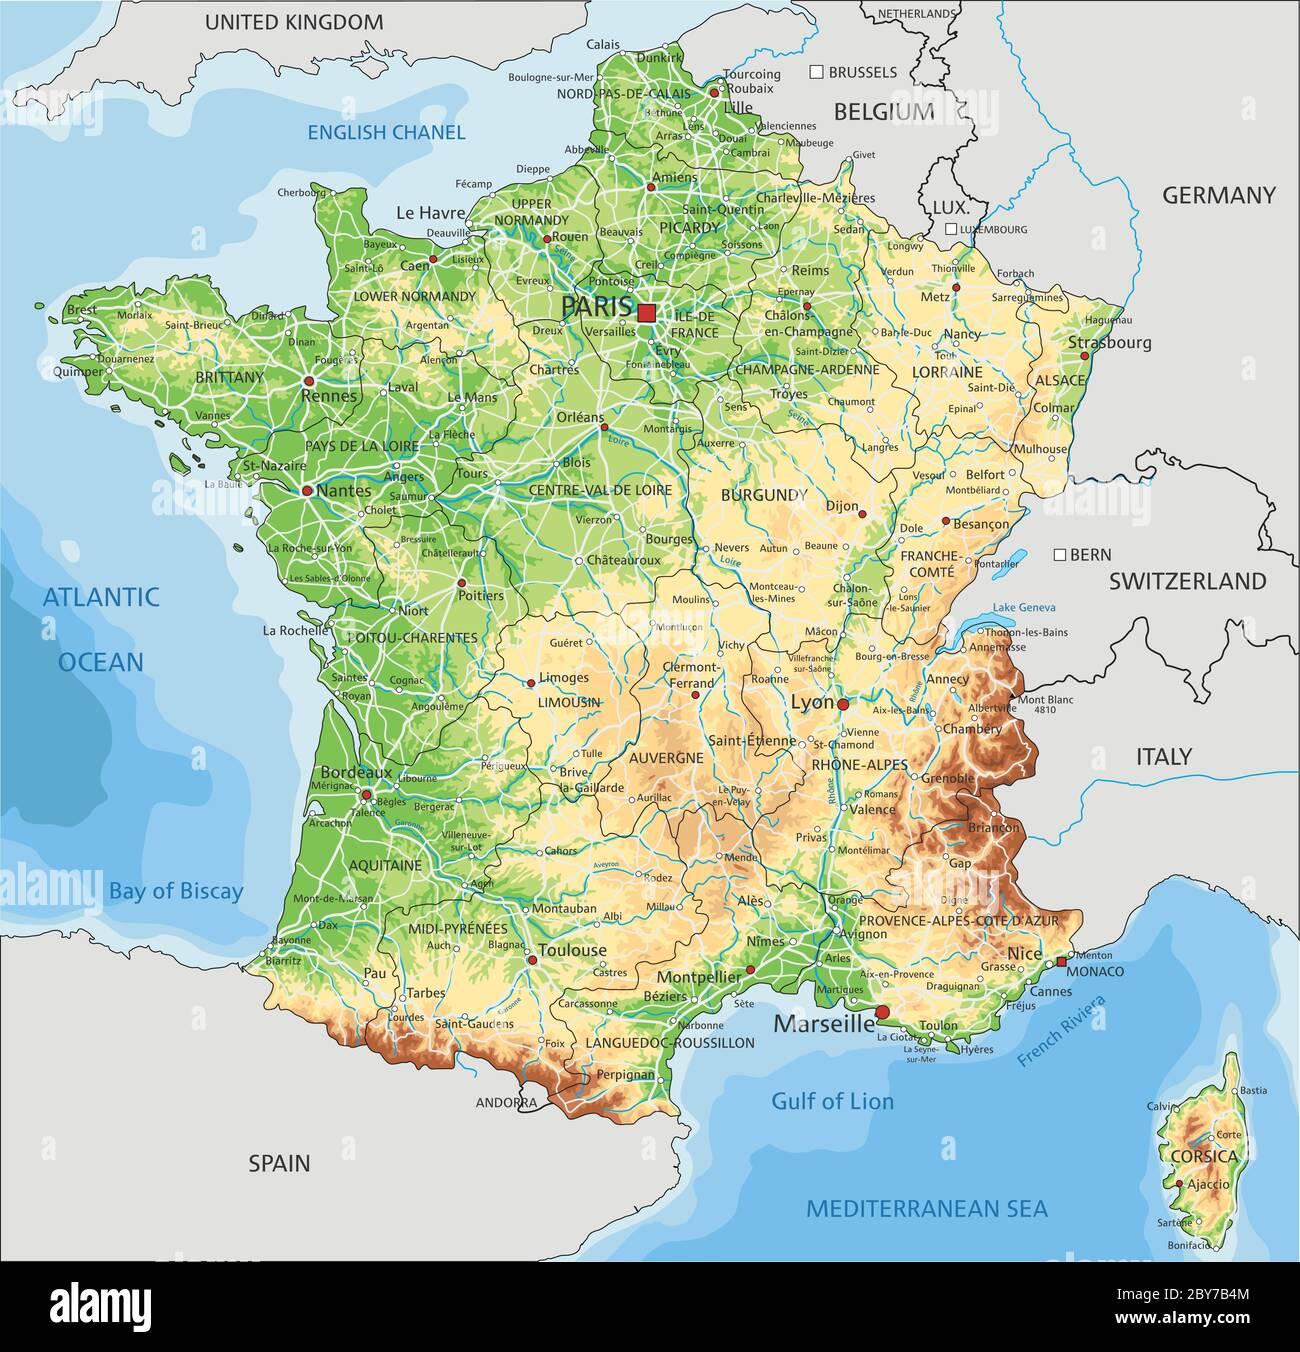 Cartina Italia Fisica Vettoriale.Mappa Fisica Della Francia Con Etichettatura Immagine E Vettoriale Alamy